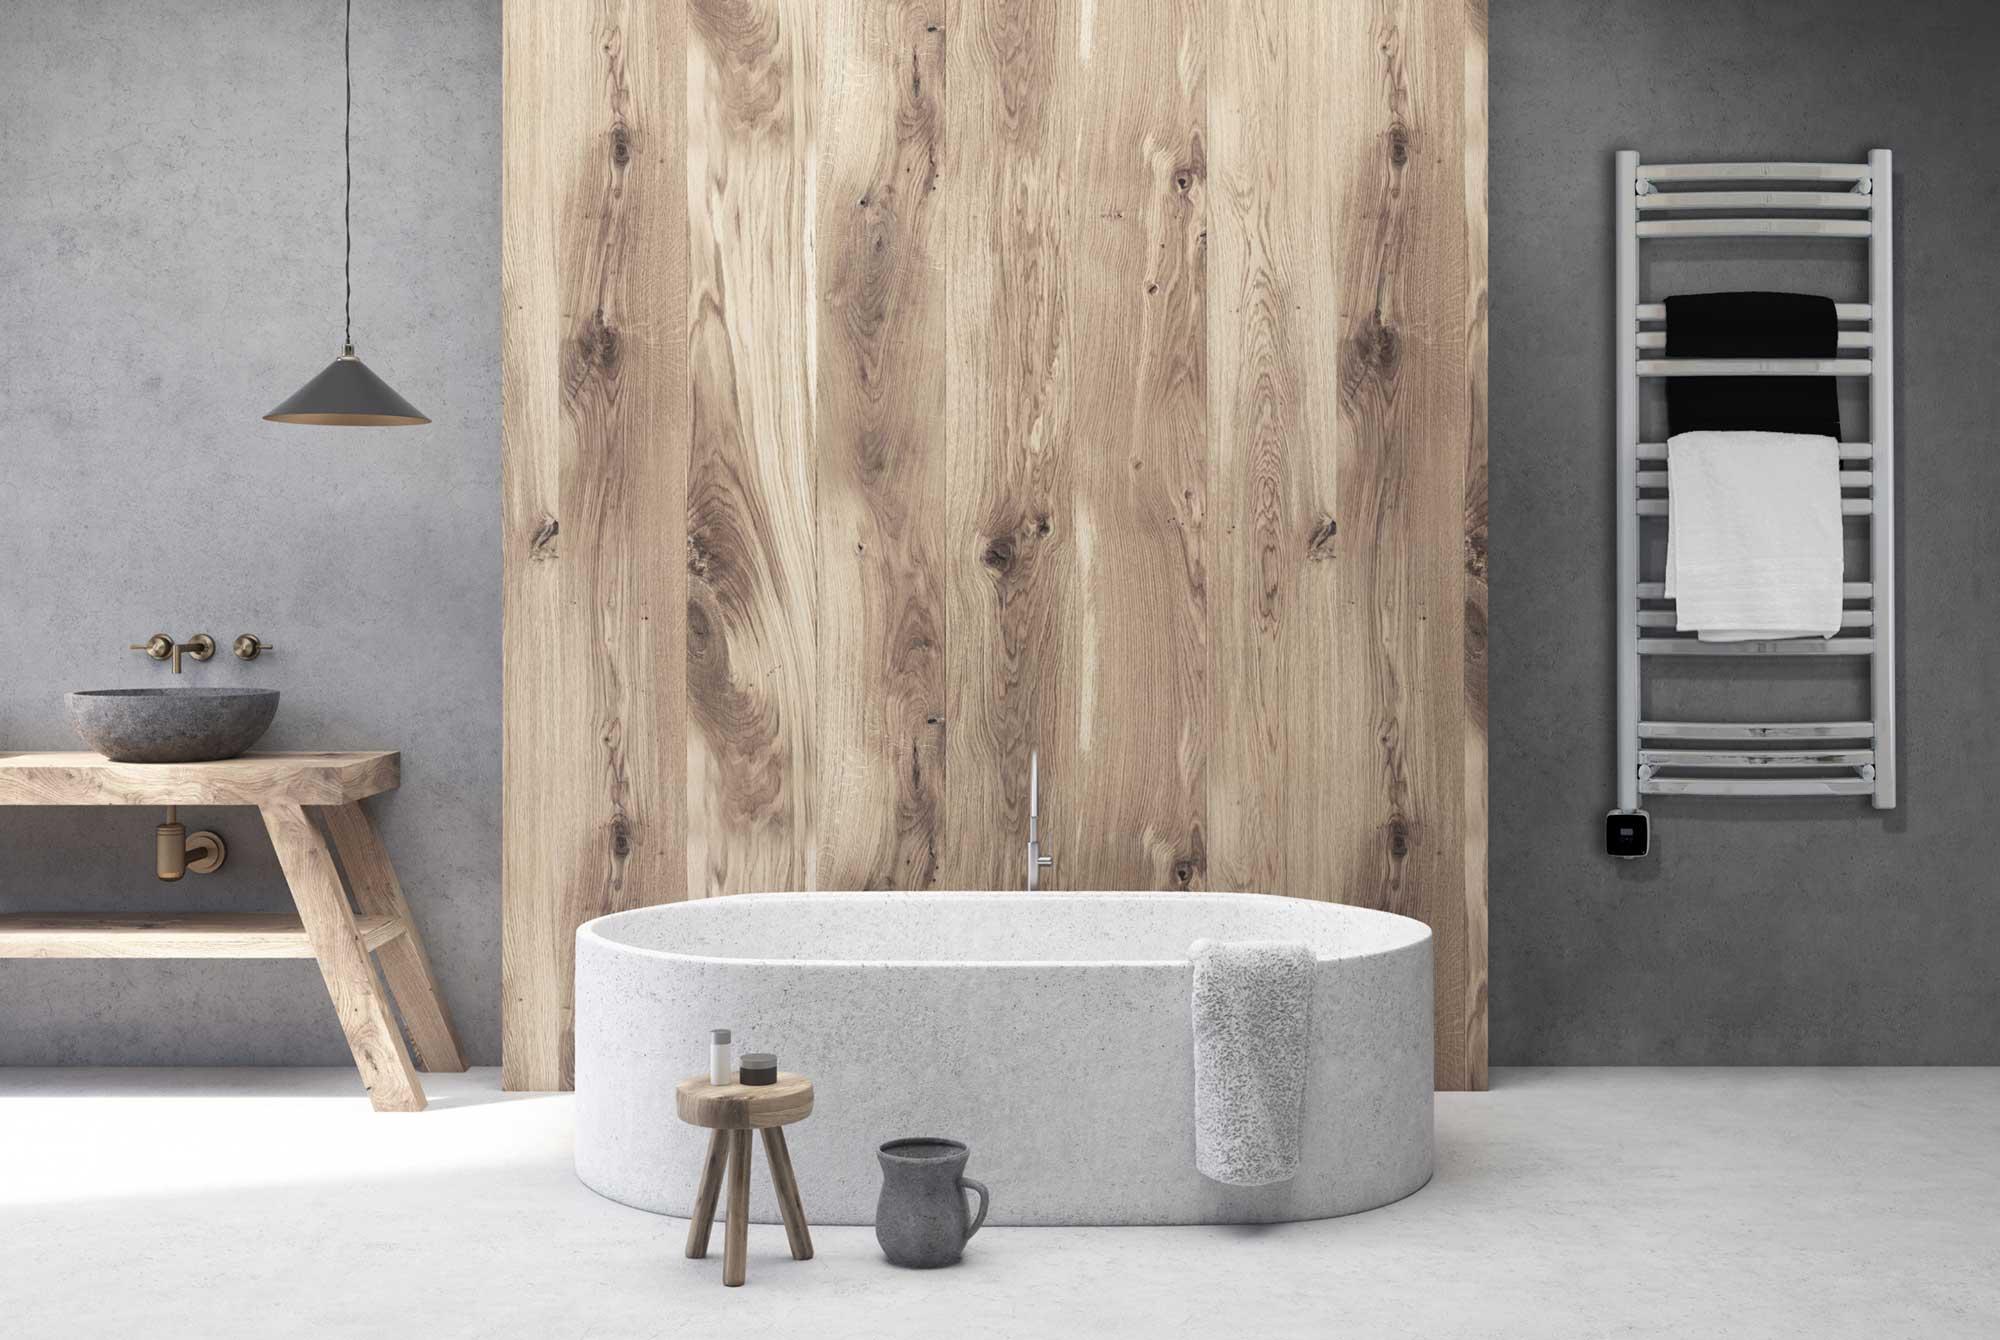 Handdukstork i modernt badrum